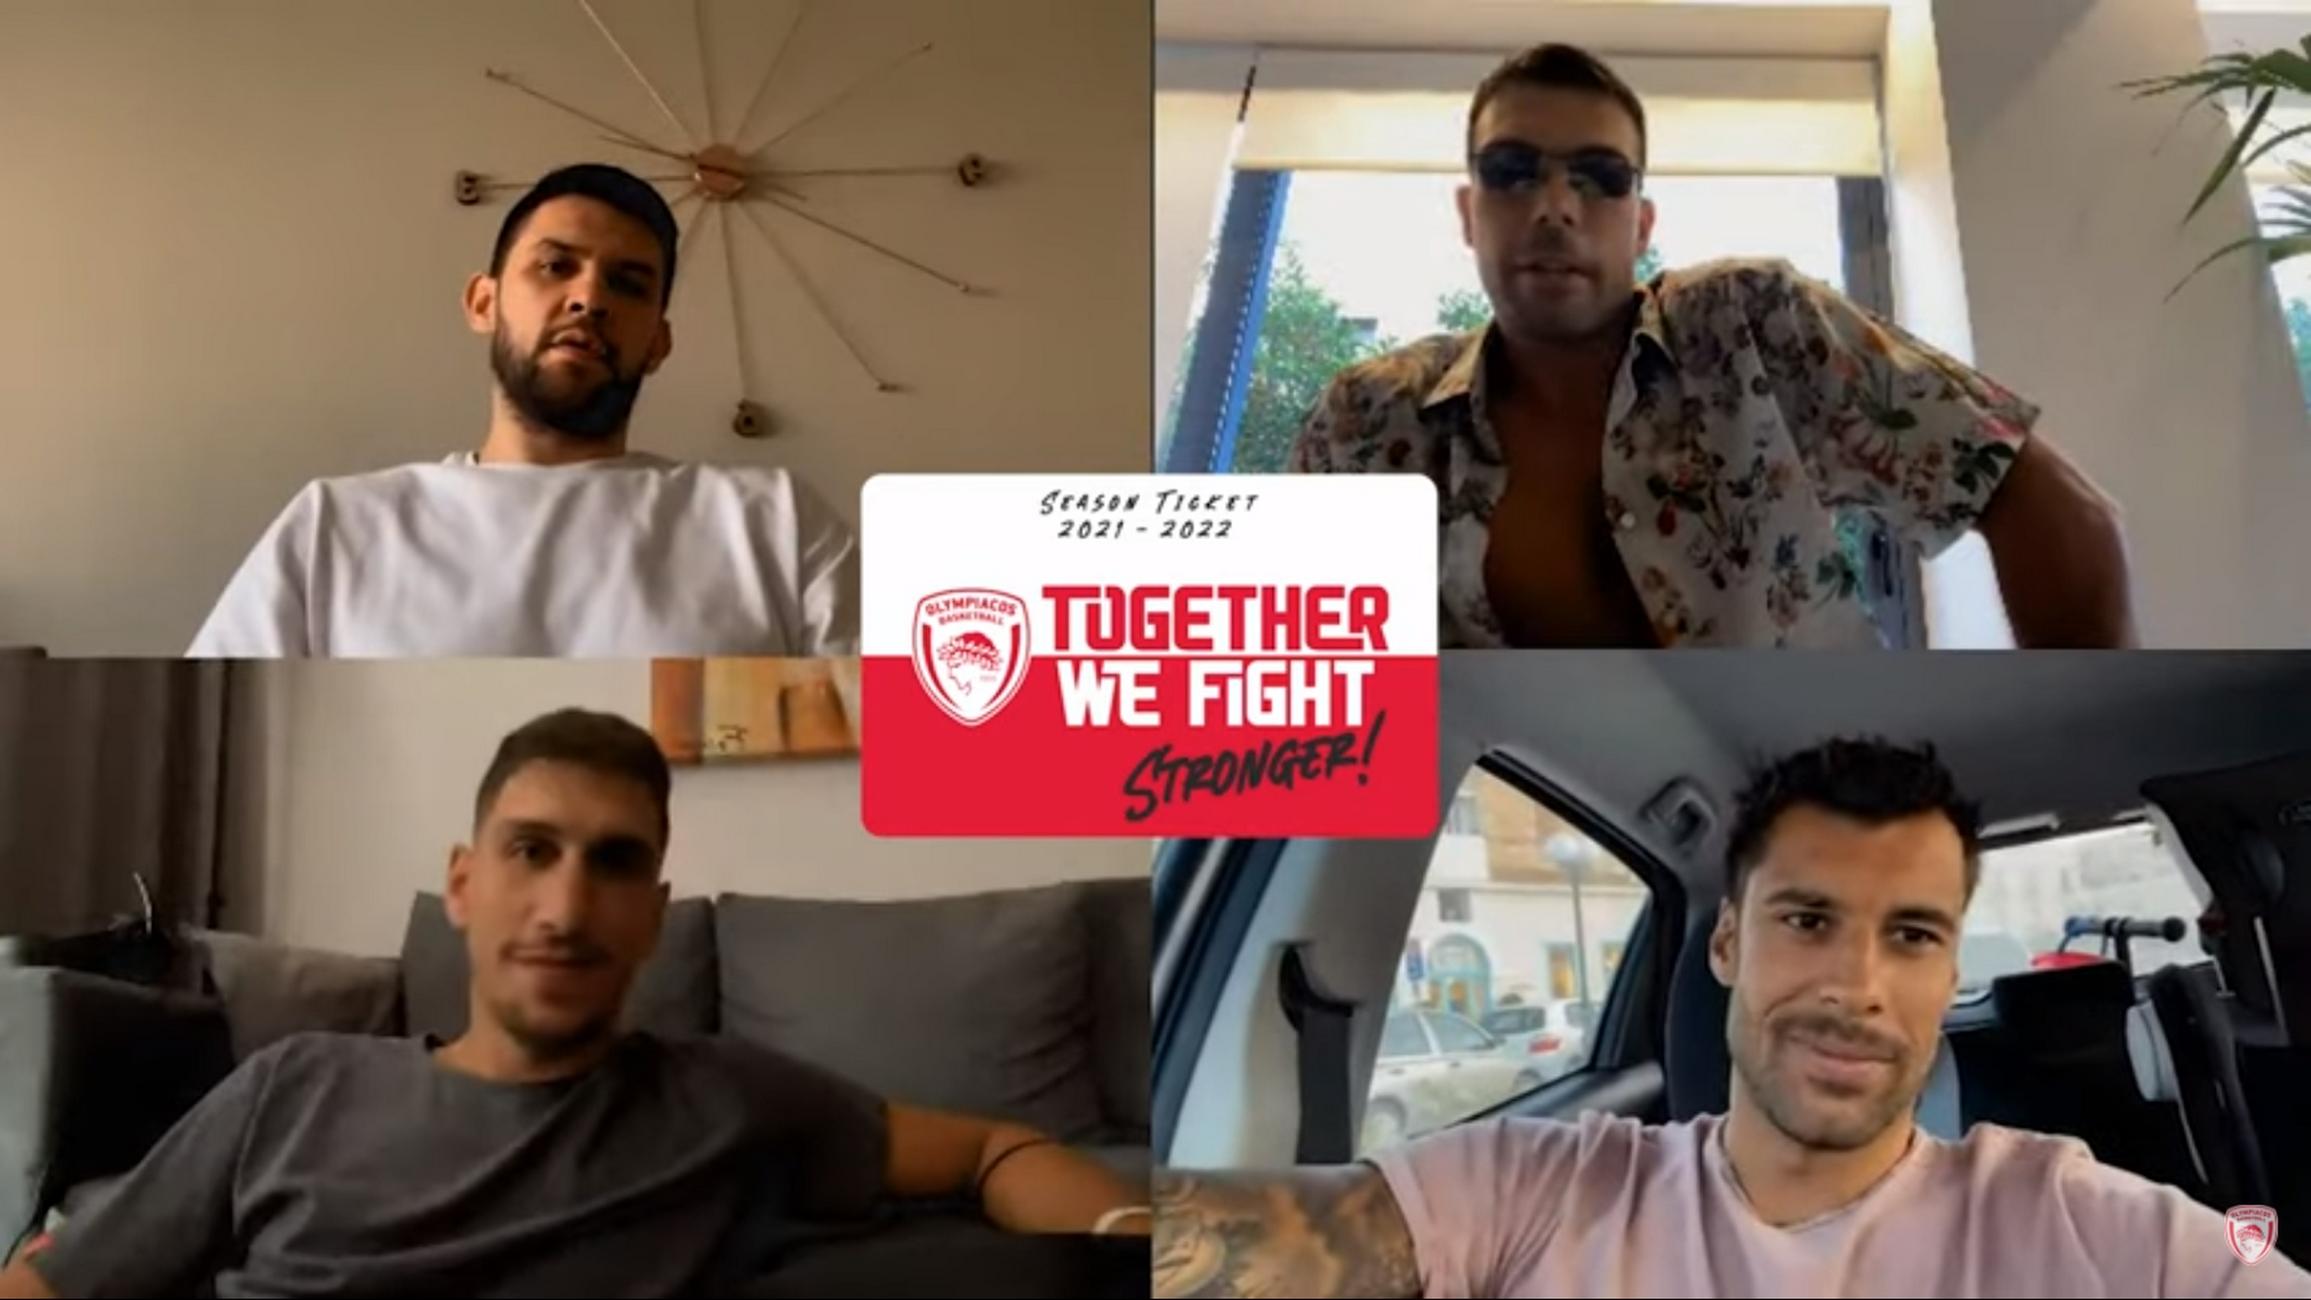 ΚΑΕ Ολυμπιακός: «Εμβόλιο, μάσκα και φύγαμε για ΣΕΦ» λένε σε video οι Έλληνες παίκτες του